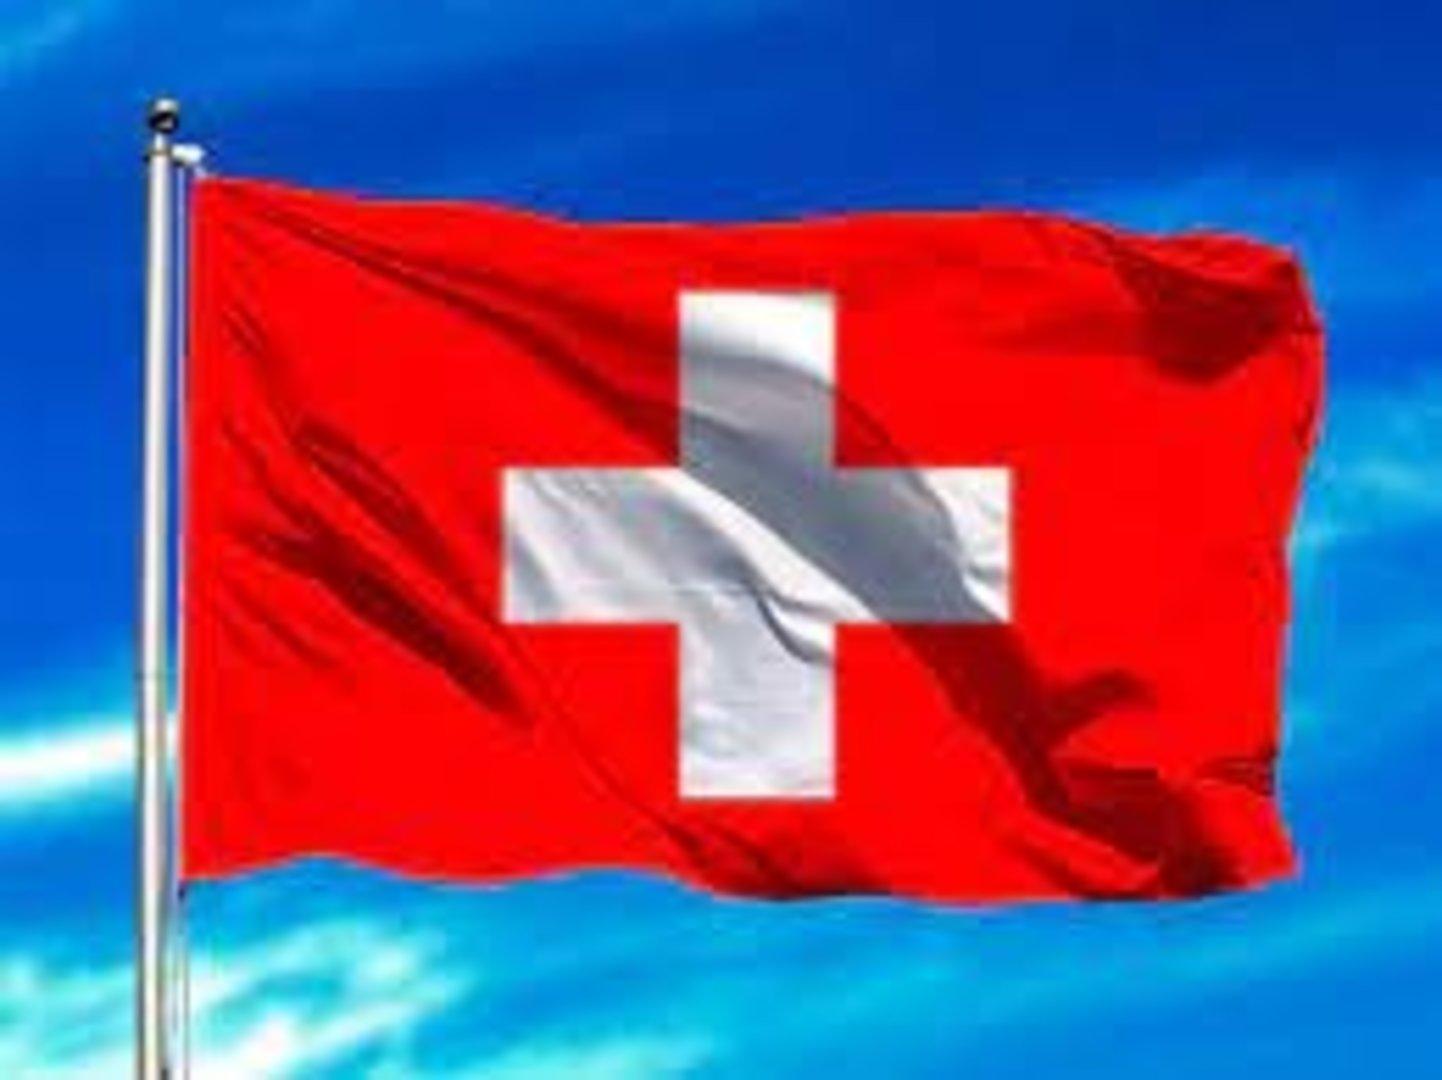 Becas de Doctorado y Posdoctorado en Suiza